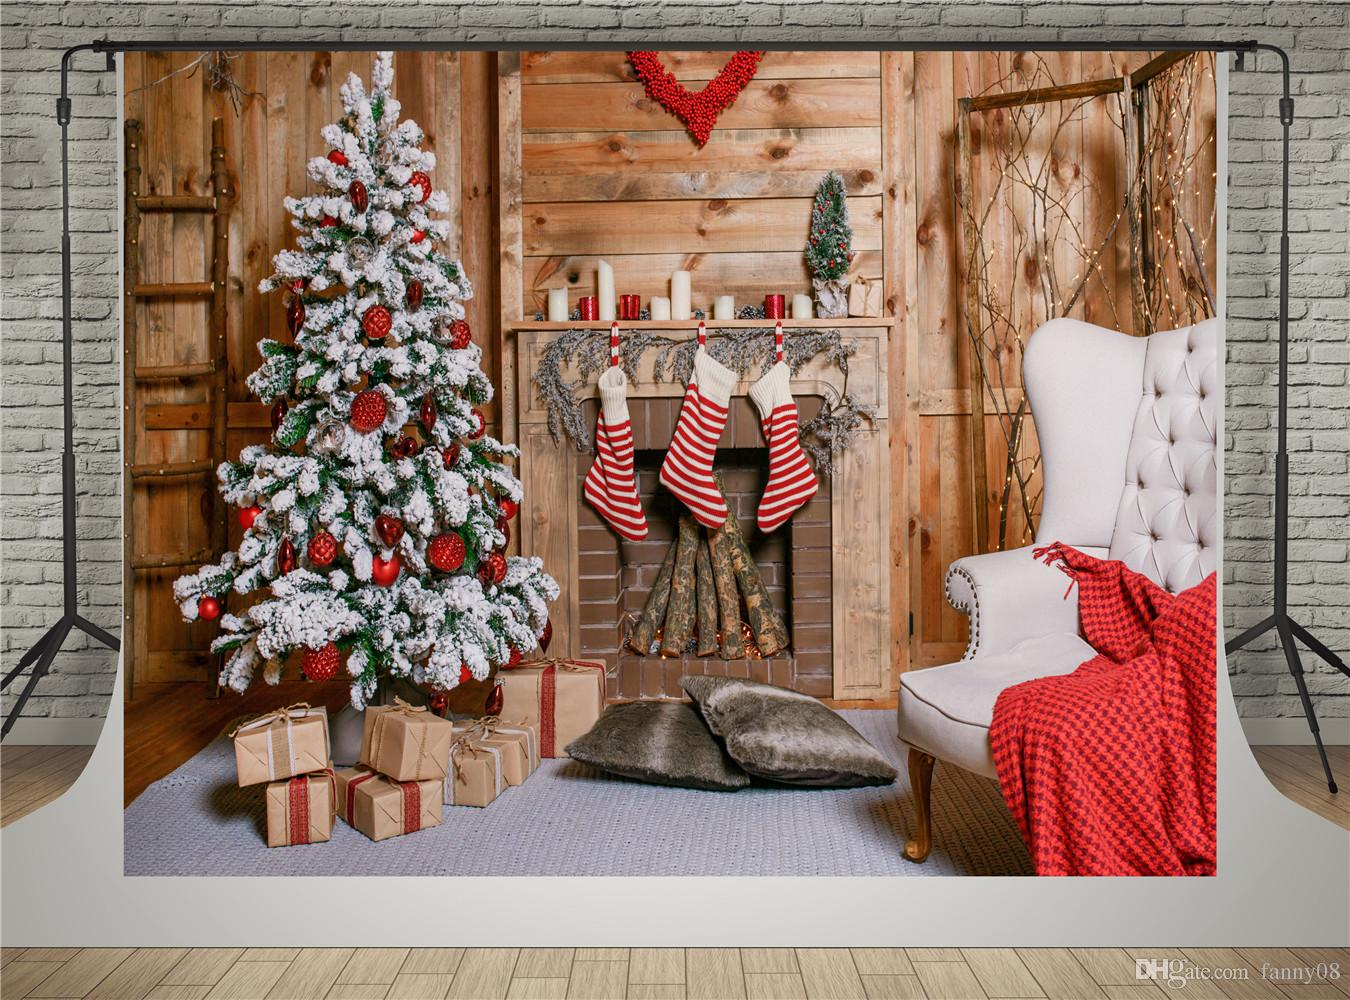 Cenários de Lareira para Fotografia Casa de Madeira Árvore de Natal Verde Fundo Foto Cobertor De Pano De Fundo Vermelho Photo Booth